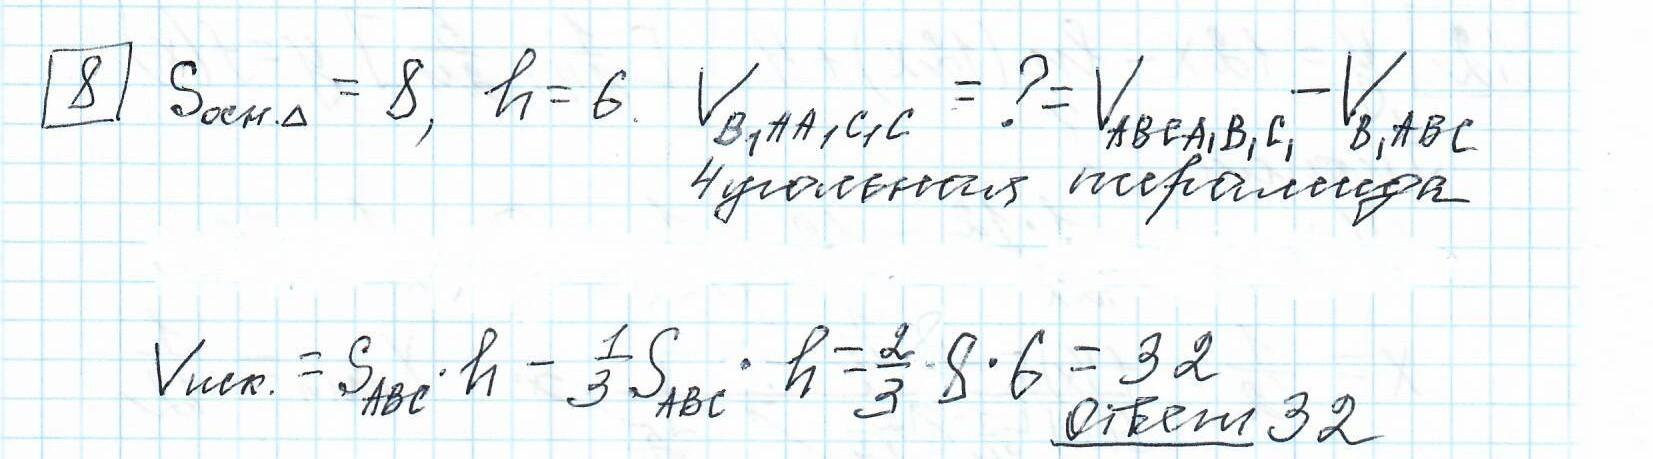 Задние 8, Вариант 8, решение и ответ - Ященко ЕГЭ 2019 математика профиль 36 вариантов